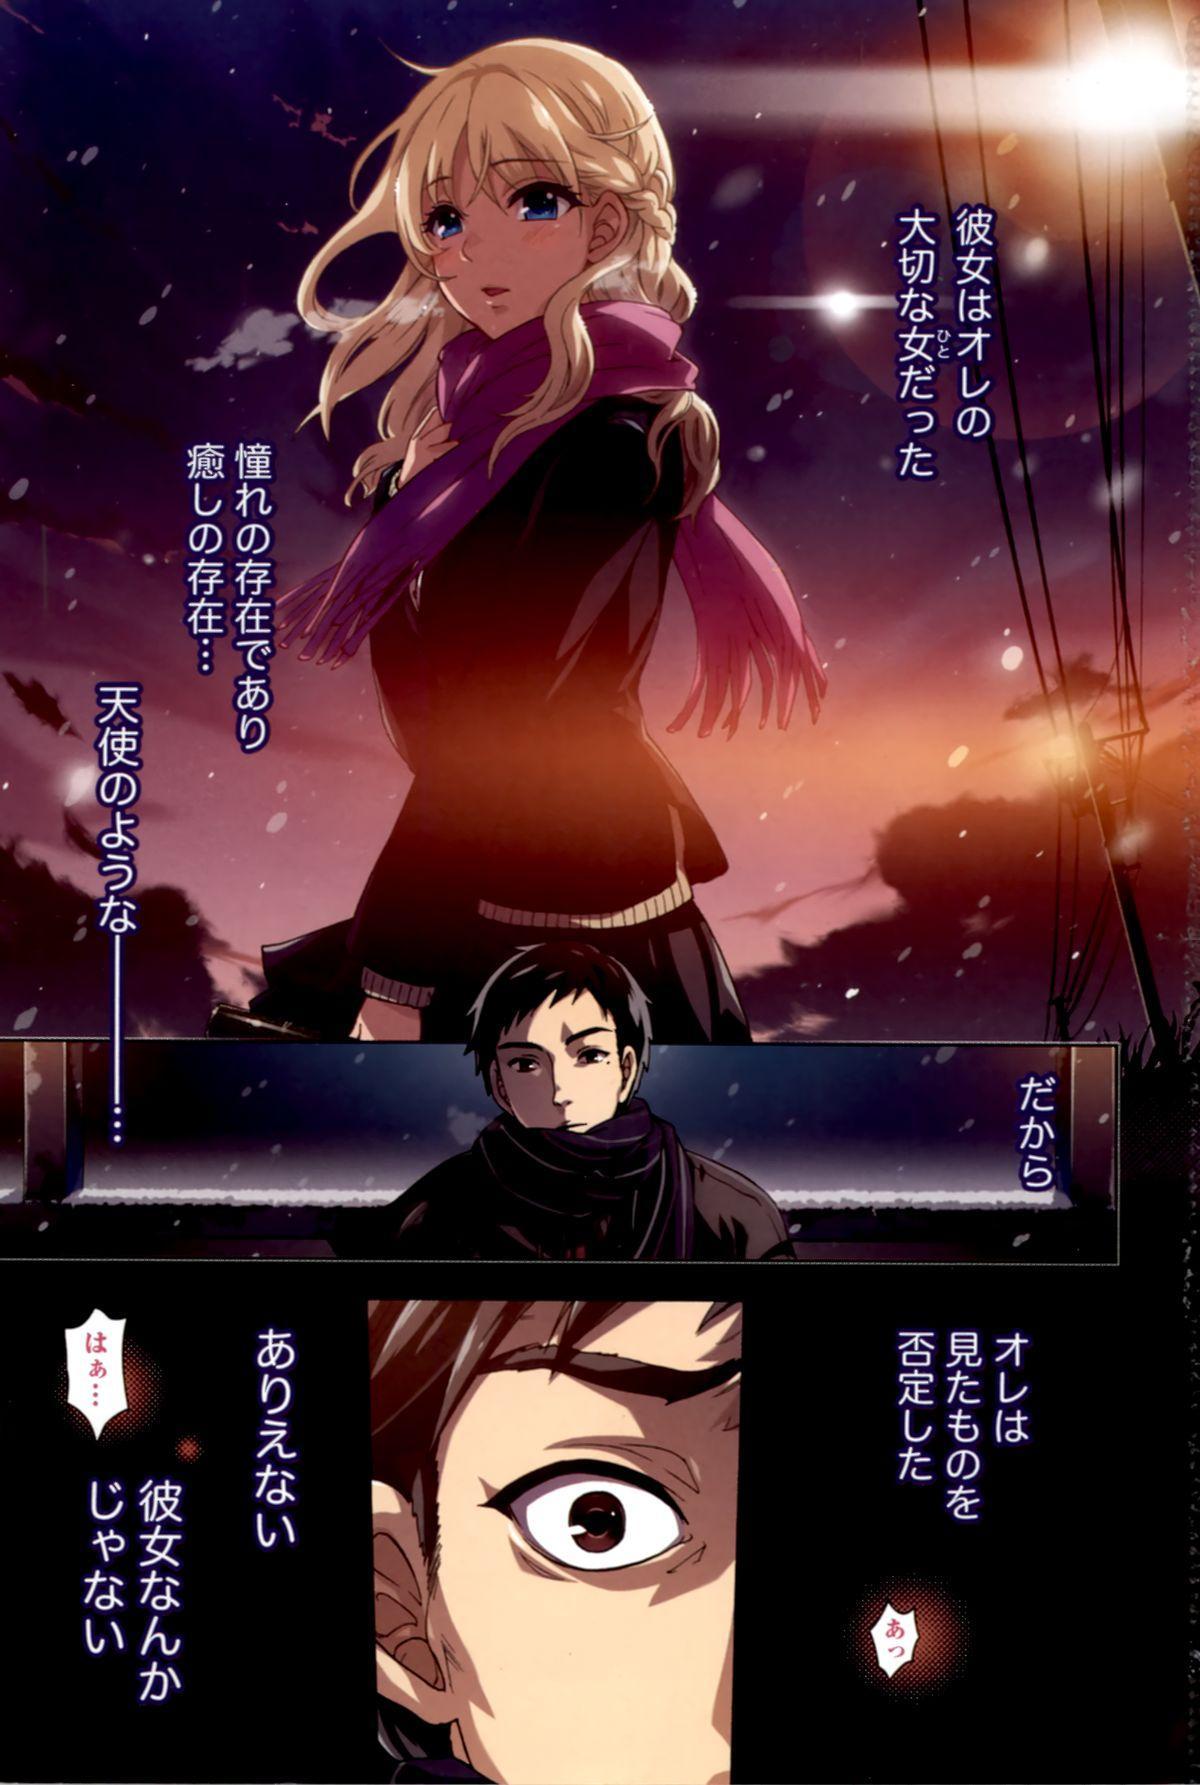 Anata to Watashi wa Warukunai 2